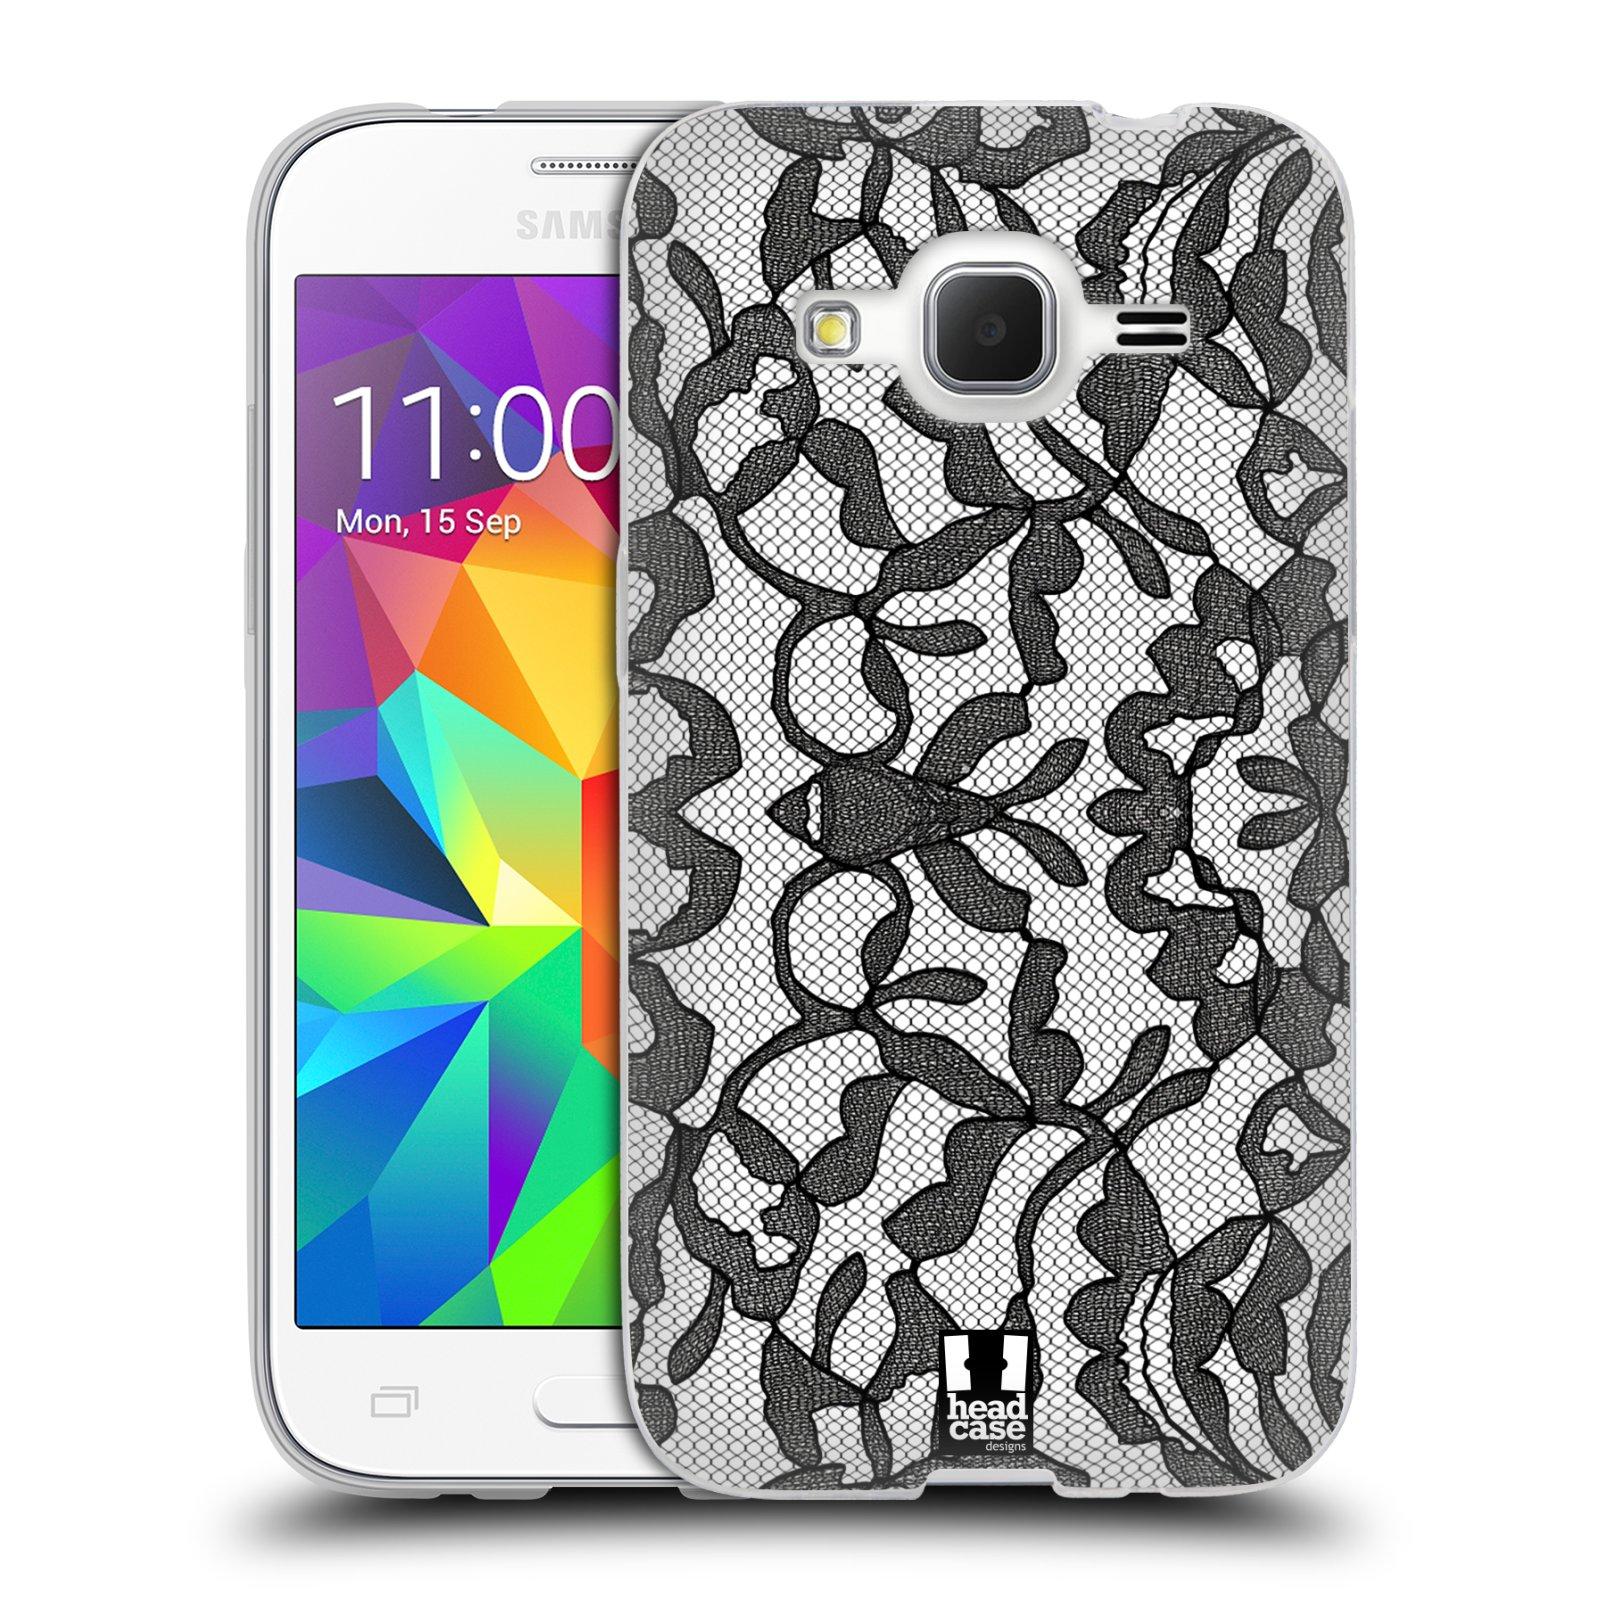 Silikonové pouzdro na mobil Samsung Galaxy Core Prime LTE HEAD CASE LEAFY KRAJKA (Silikonový kryt či obal na mobilní telefon Samsung Galaxy Core Prime LTE SM-G360)